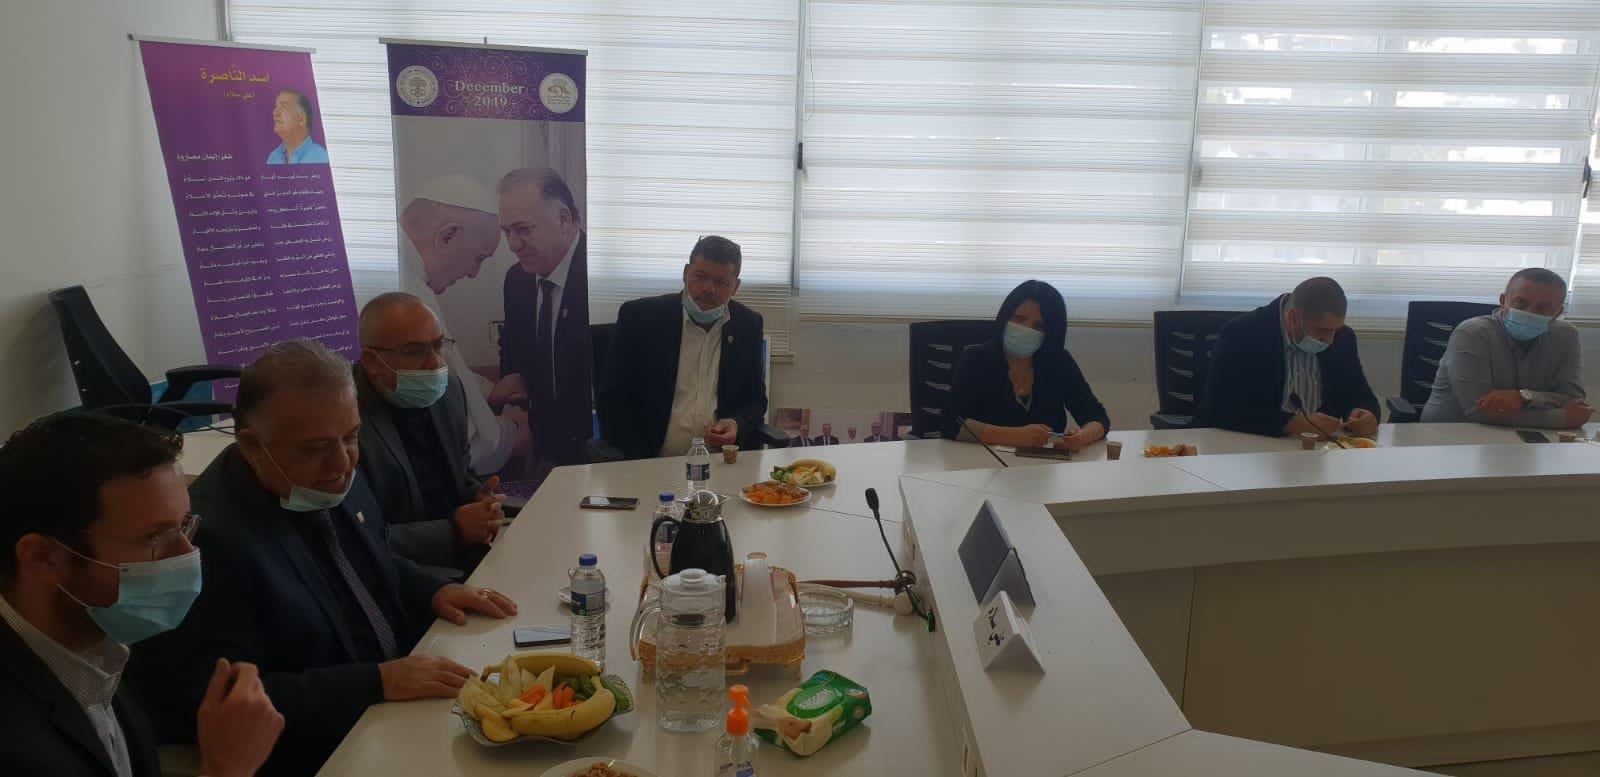 وزير العمل والرفاه الاجتماعي يزور بلدية الناصرة-13